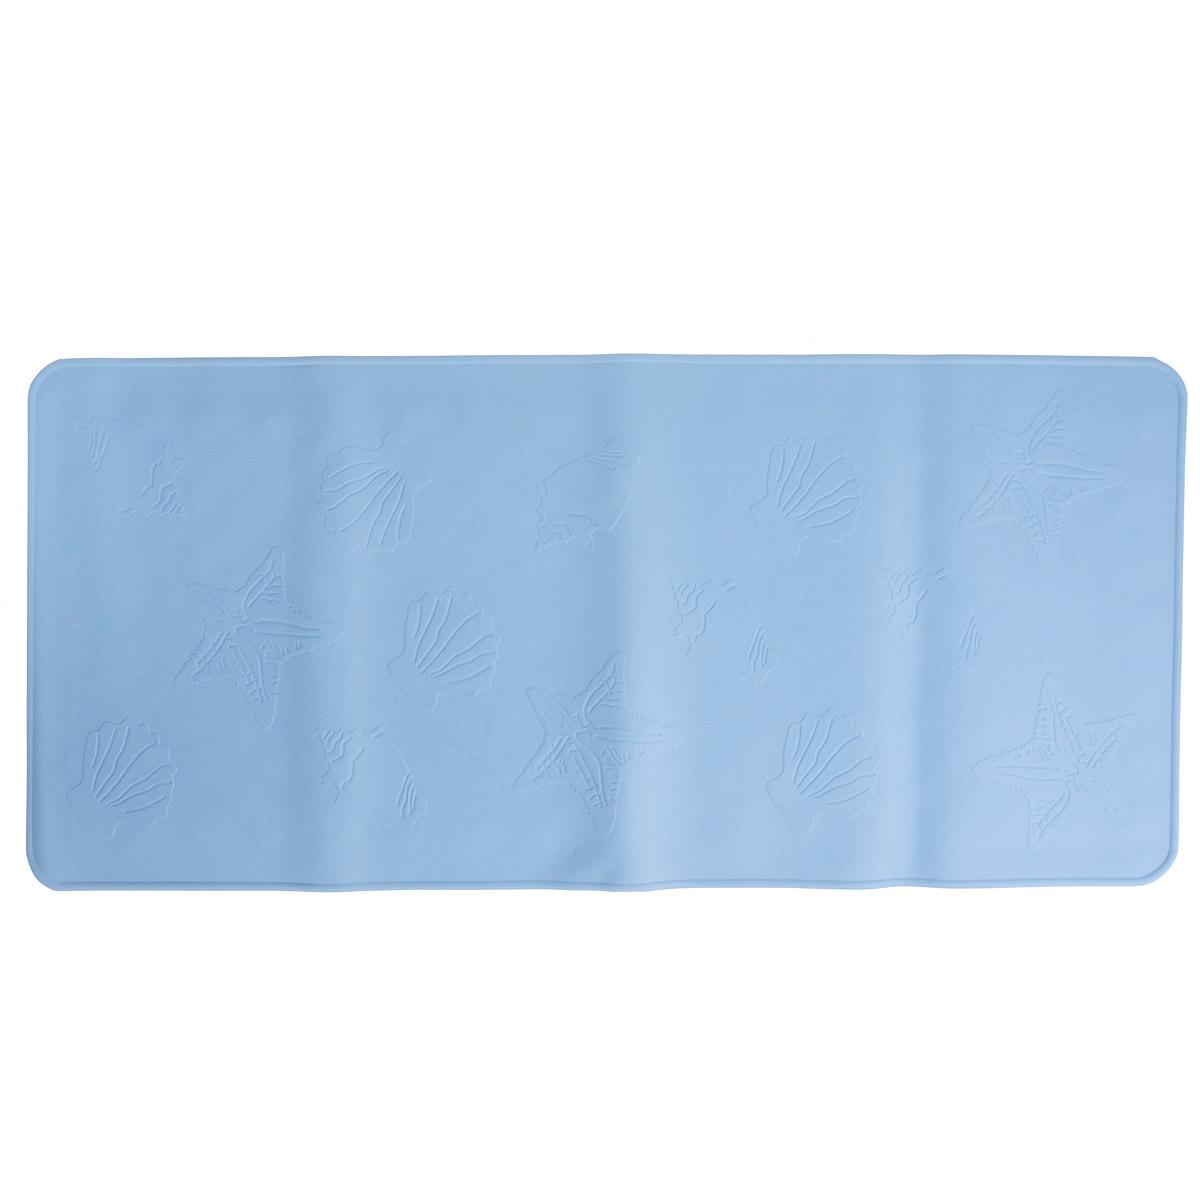 Антискользящий коврик Roxy-kids для ванны, цвет: синий, 34,5 см х 74 см68/5/3Антискользящий коврик для ванны Roxy-kids изготовлен из высококачественной натуральной мягкой резины без применения токсичного сырья и подходит для большинства детских ванночек, ванн и душевых кабин. Коврик крепится на дно ванны при помощи присосок, и предотвращает прямой контакт тела ребенка со скользким дном ванны. Покрытие коврика препятствует скольжения ног или тела ребенка. Специальные отверстия позволяют воде стекать и обеспечивают более надежное крепление к поверхности ванны. Мягкие надежные присоски препятствуют скольжению коврика в ванне. Рельефные элементы способствуют массажу.